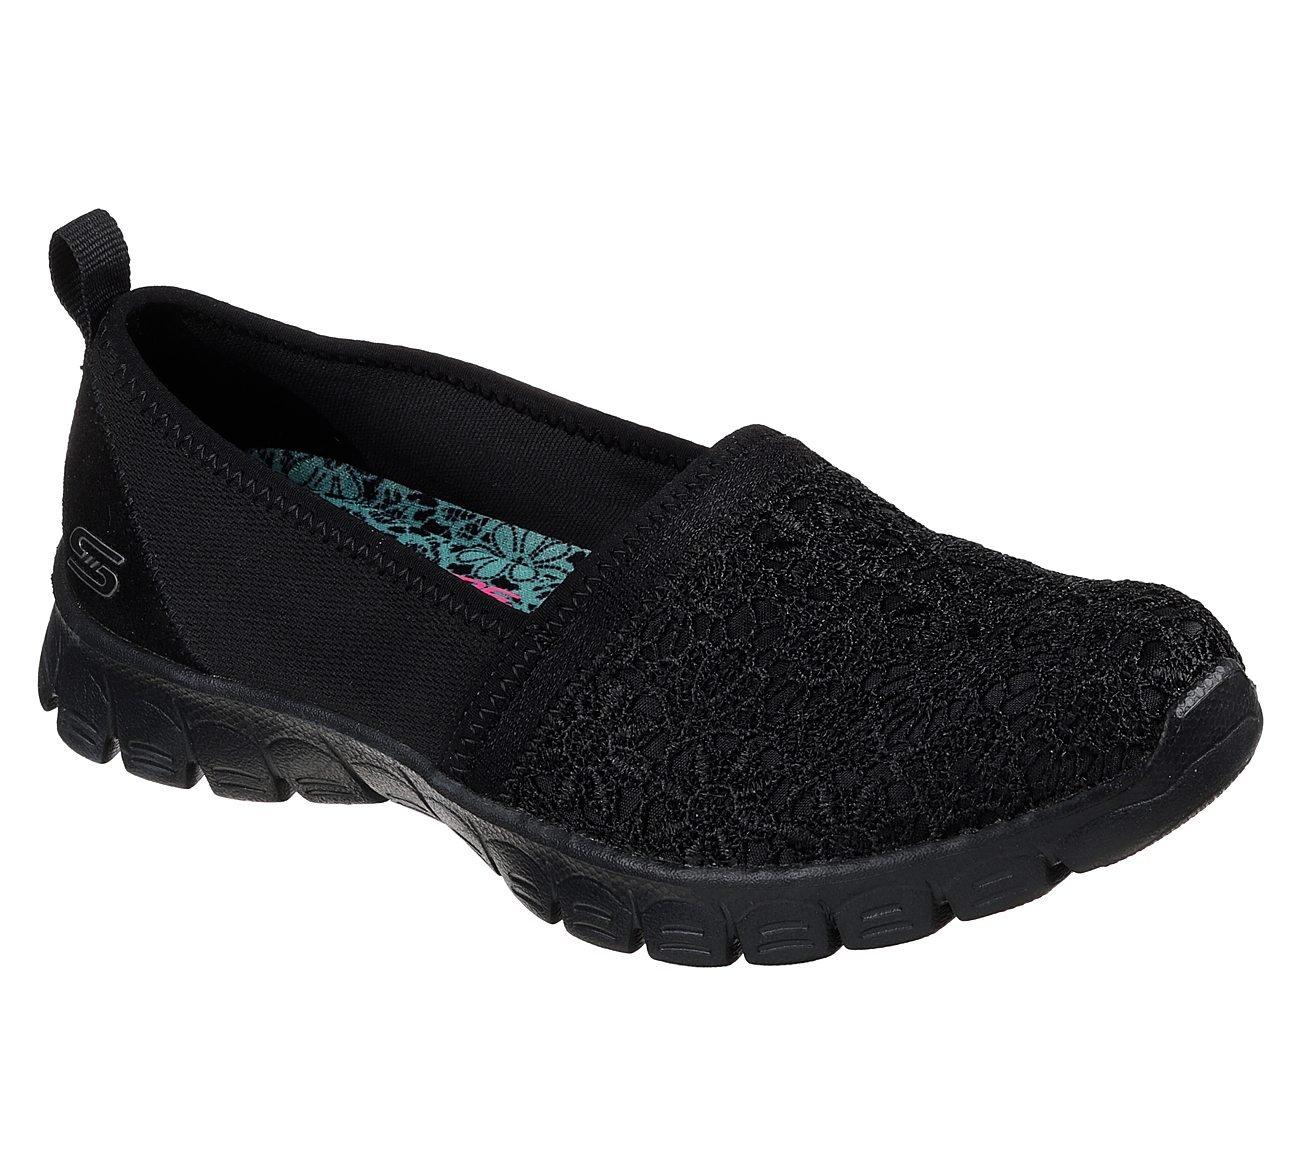 Skechers Womens EZ Flex 3.0 TAKE A Chance Wide Black Black Size 8.5